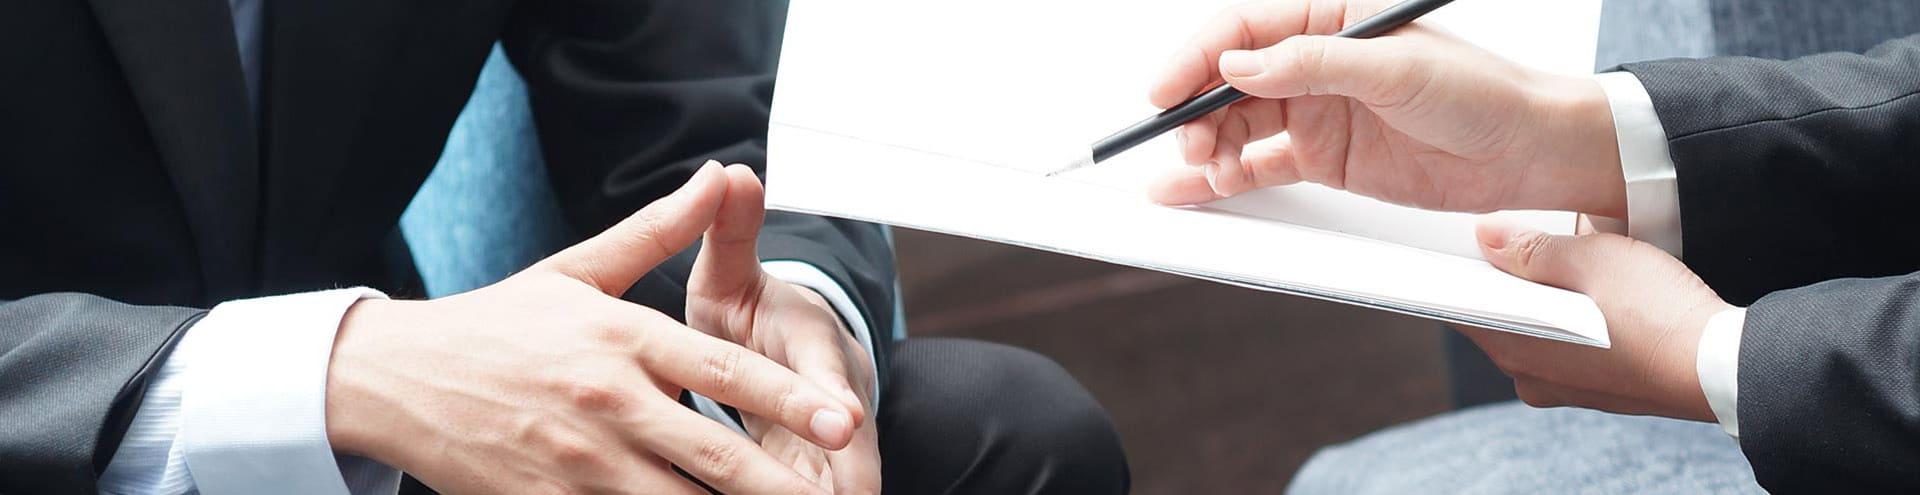 гарантии оказания юридических услуг в Калуге